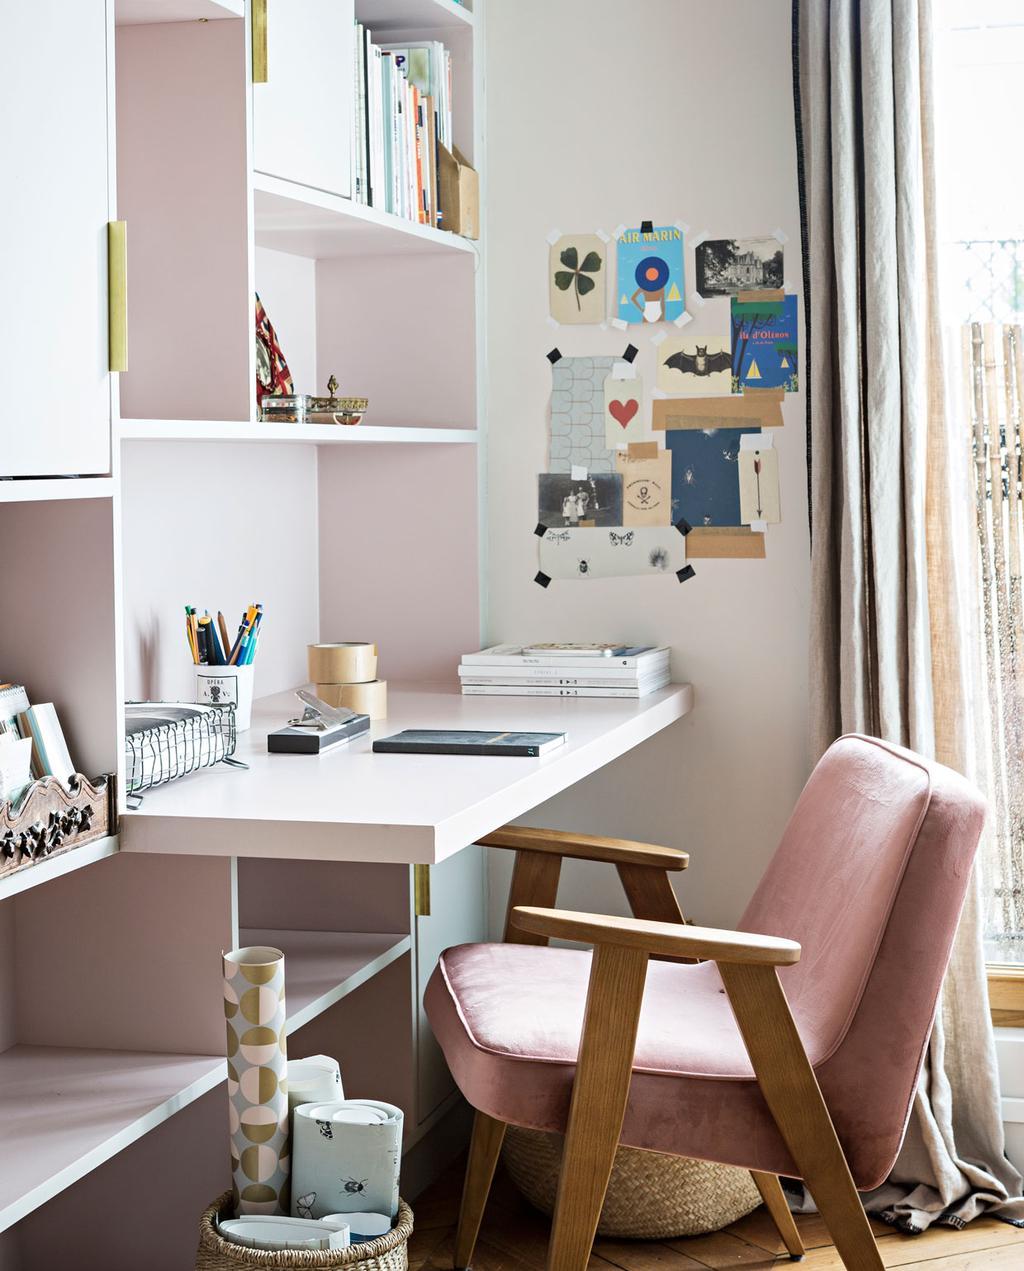 vtwonen 10-2019 | slaapkamer roze stoel